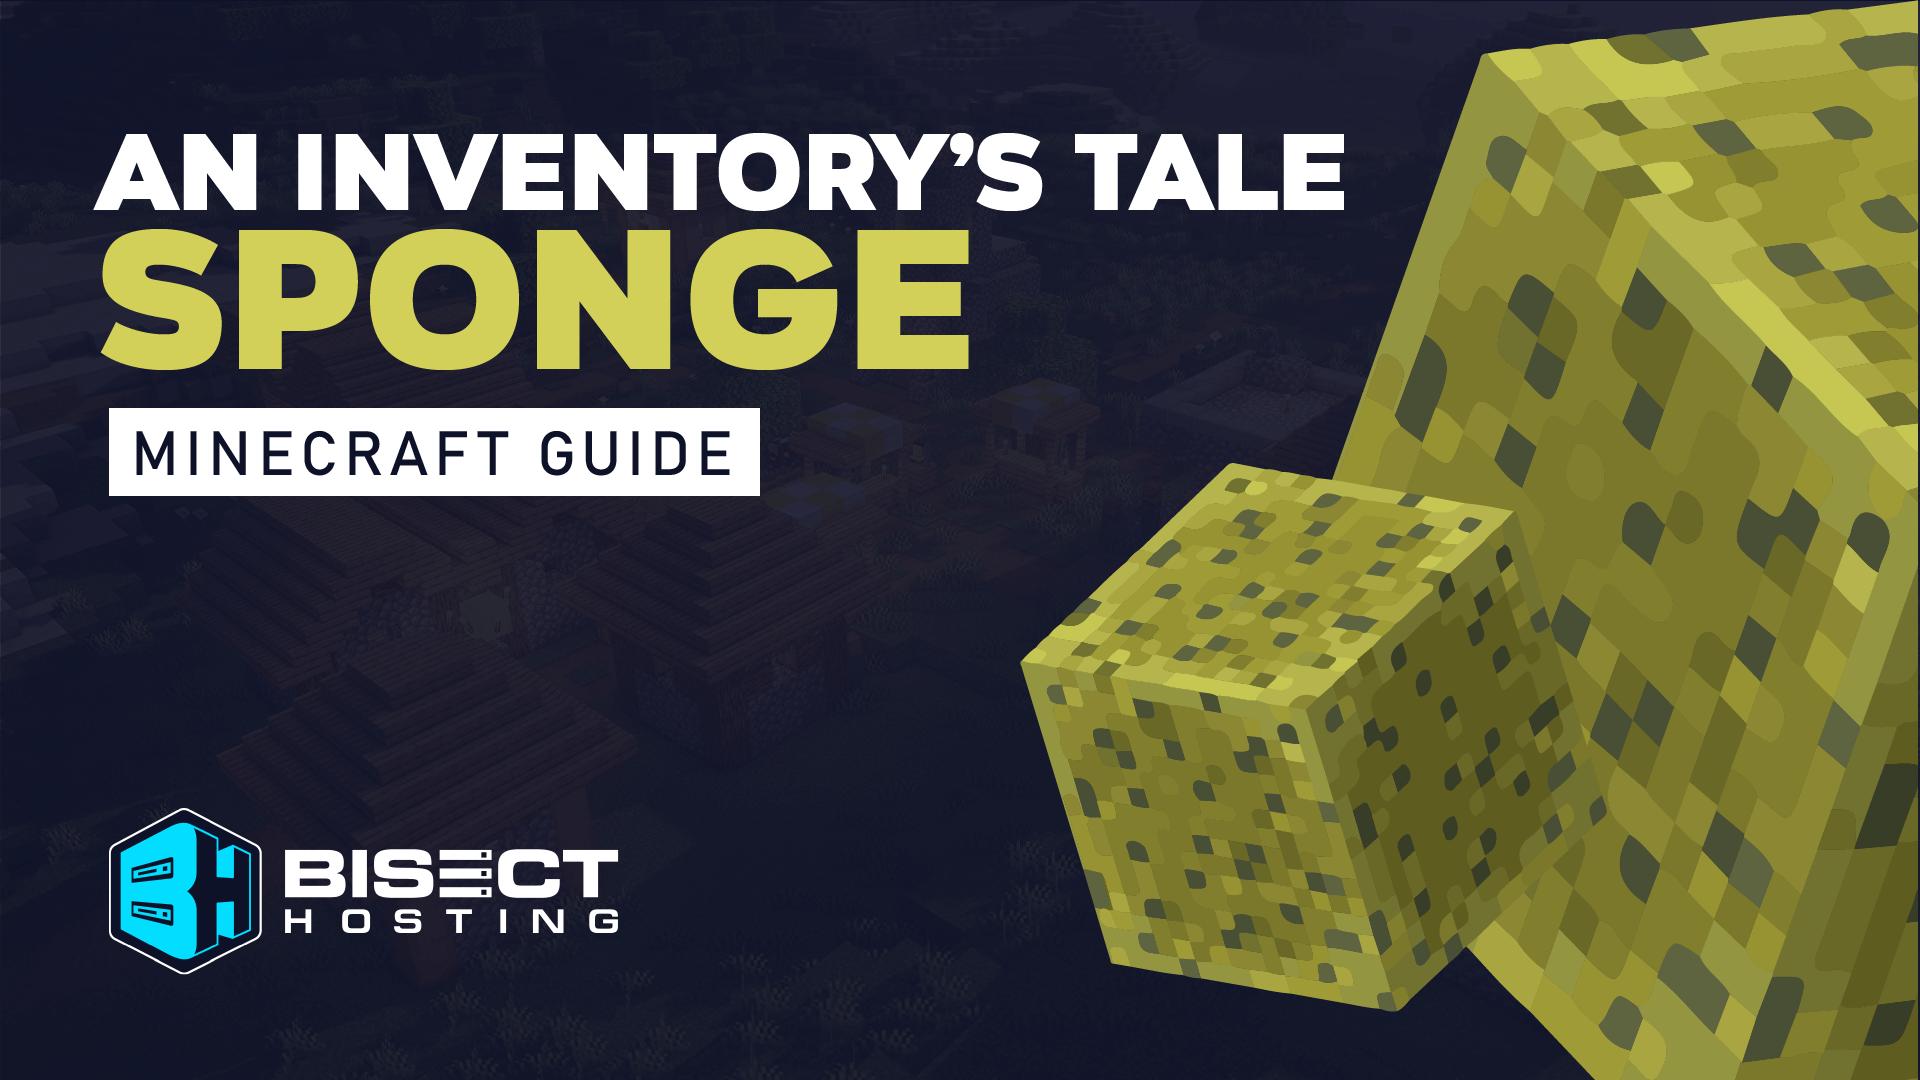 An Inventory's Tale: Sponge